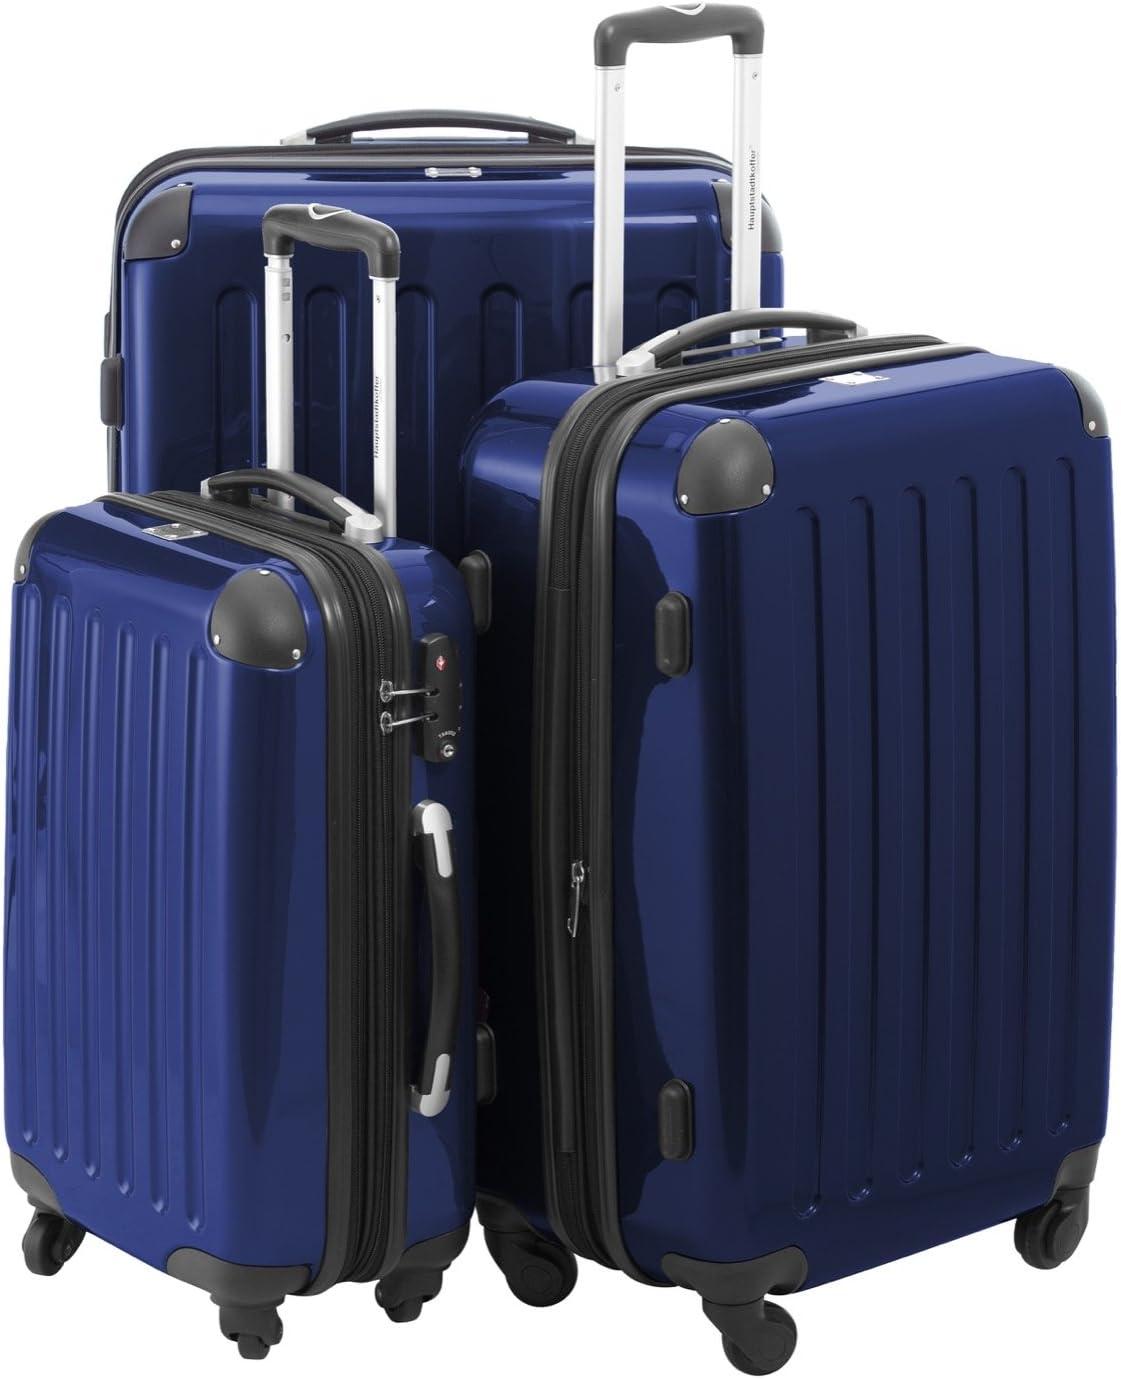 Hauptstadtkoffer Luggage Set, Dark Blue